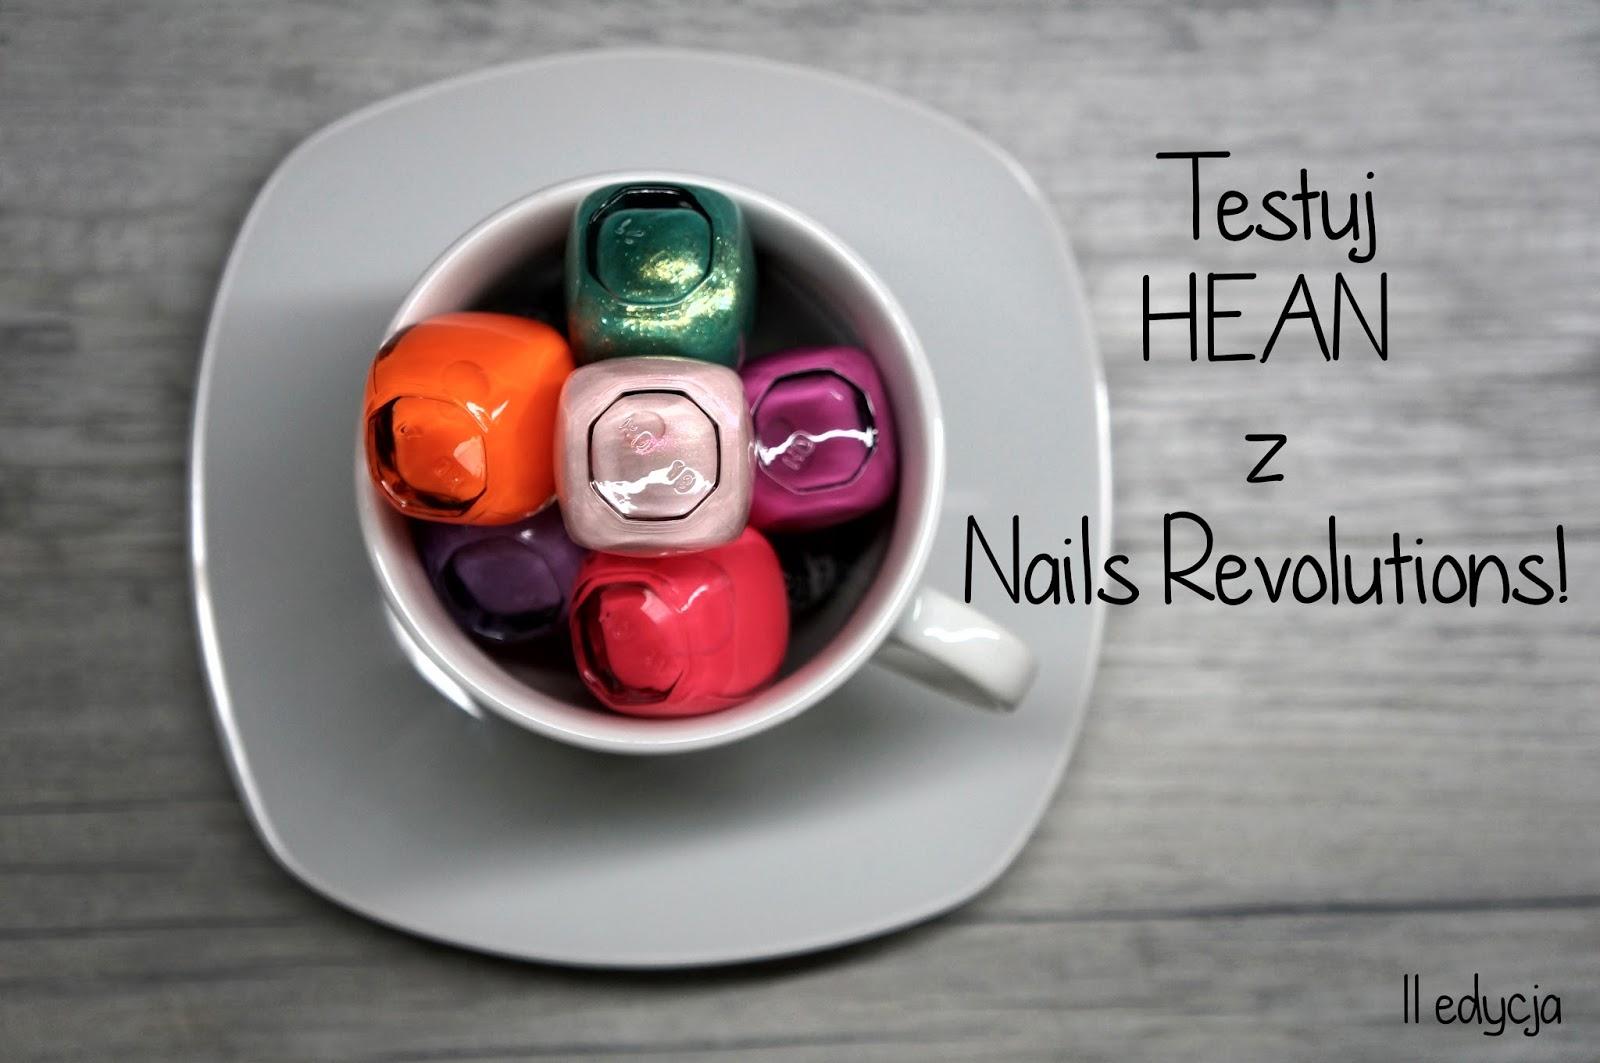 Testuj Hean z Nails Revolutions - jestem ambasadorką II edycji!